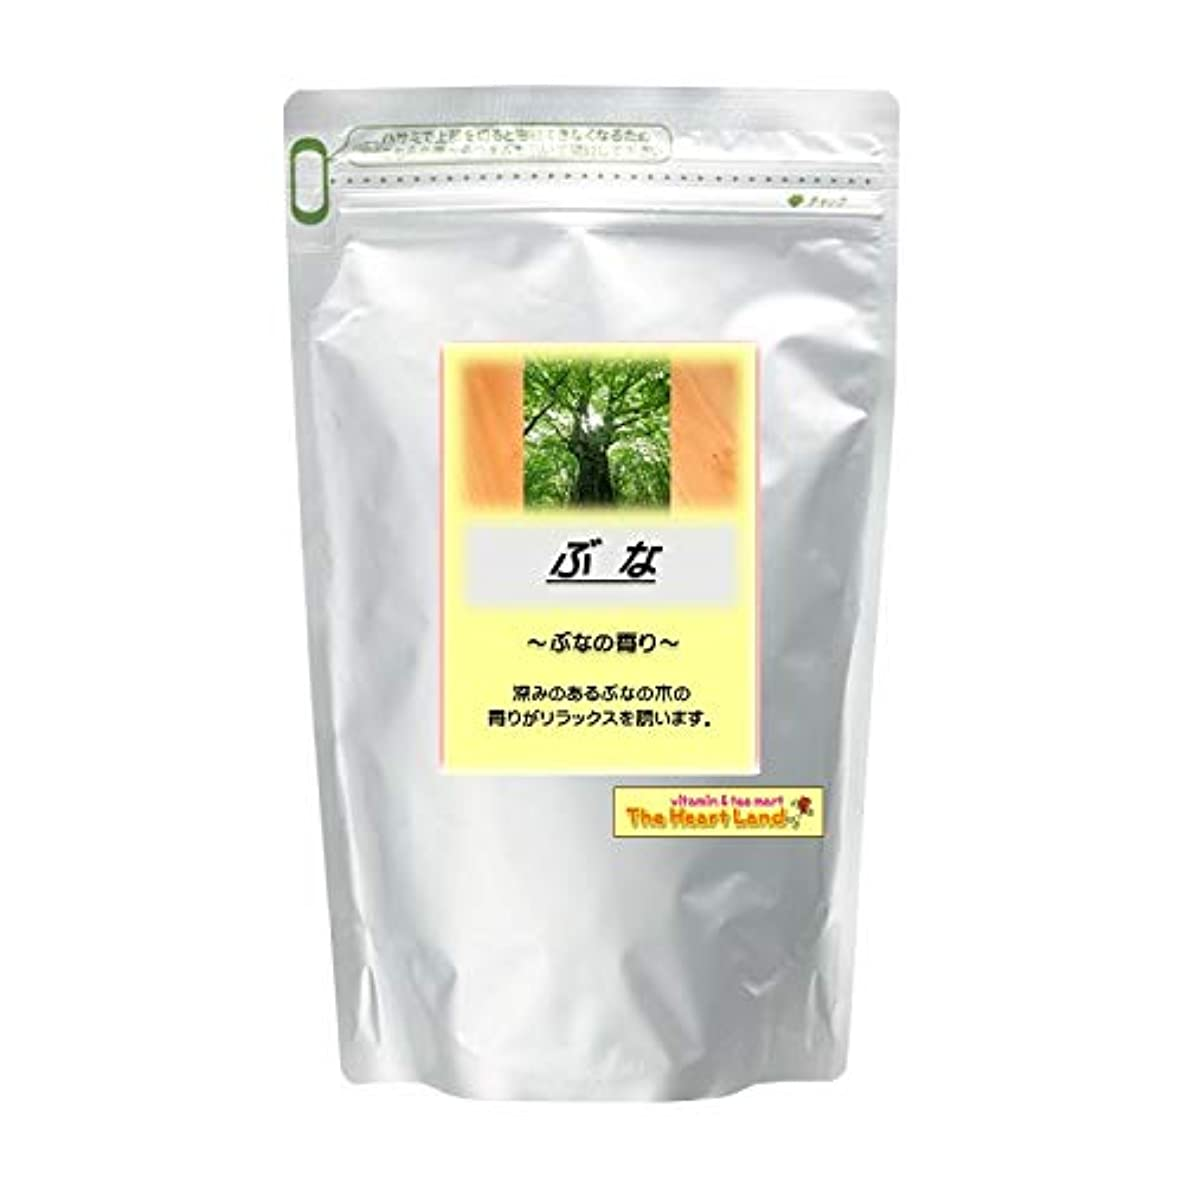 三番達成する適応するアサヒ入浴剤 浴用入浴化粧品 ぶな 300g